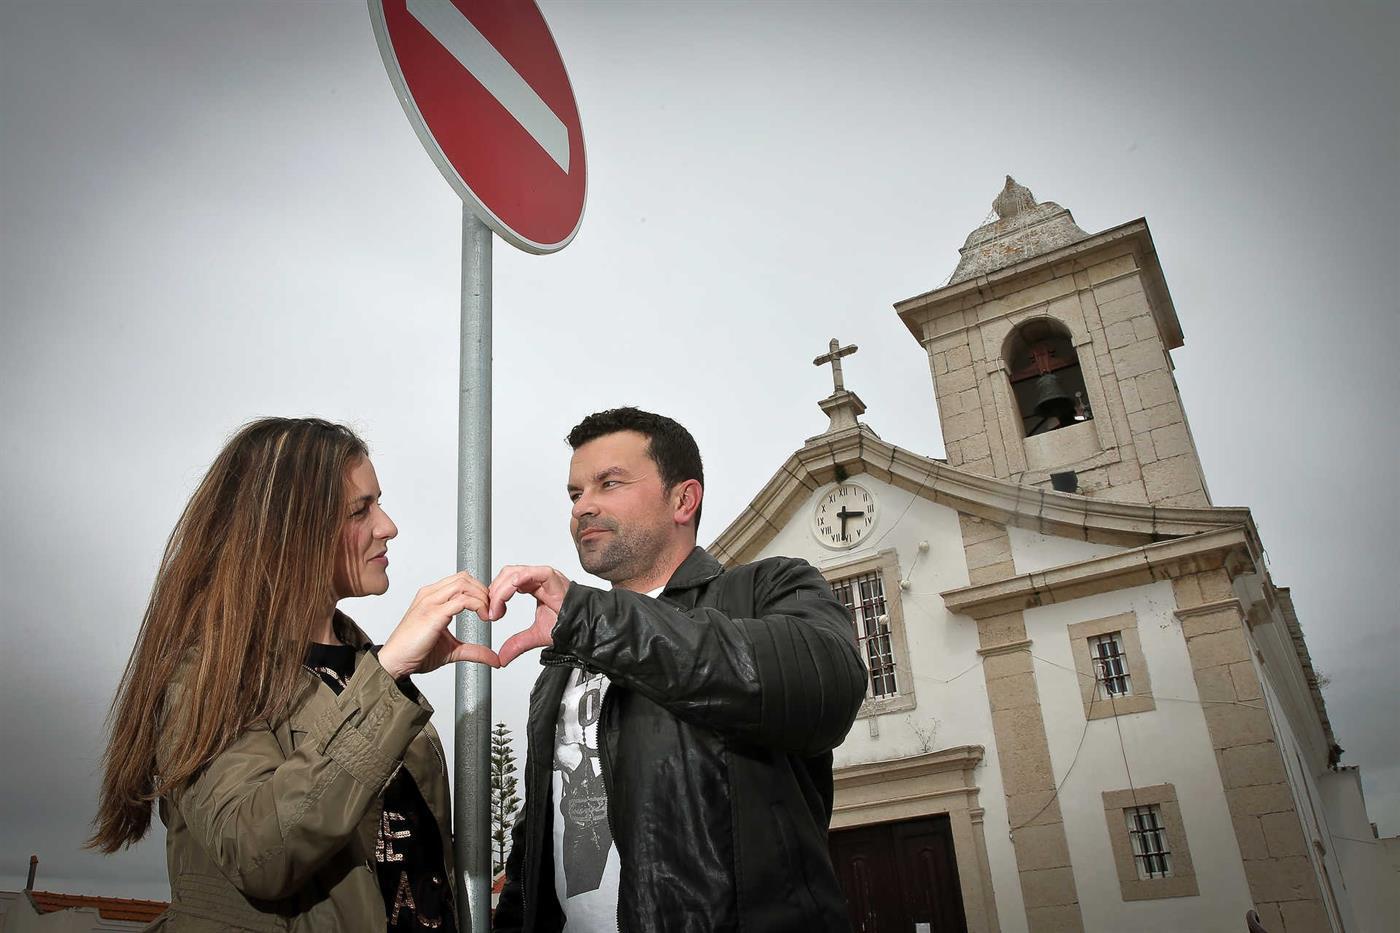 Andreia e Luís começaram a namorar ainda na adolescência